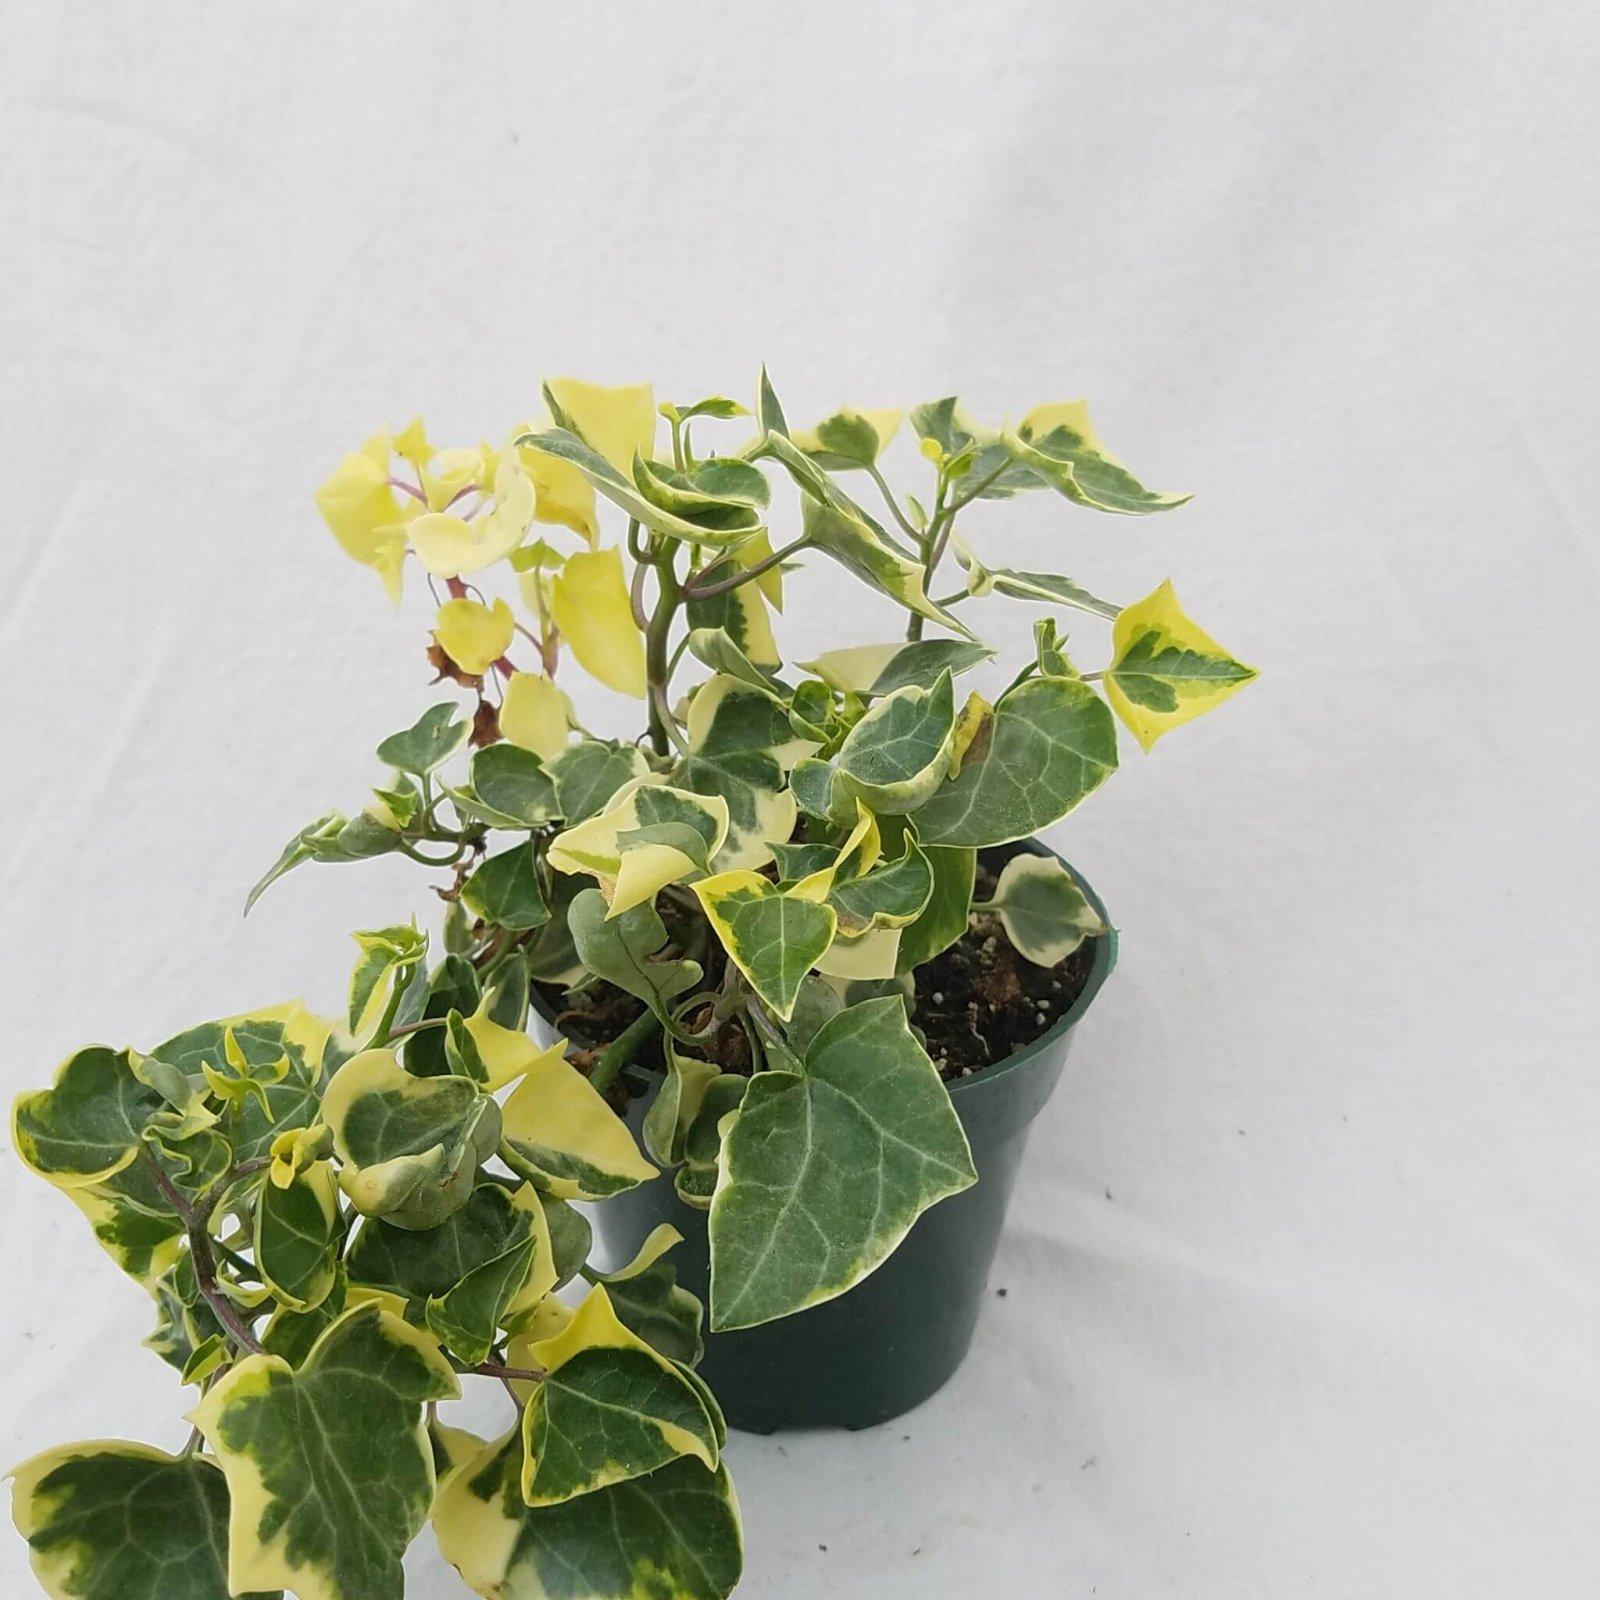 Senecio macroglossus 'Variegata' - 4 1/2